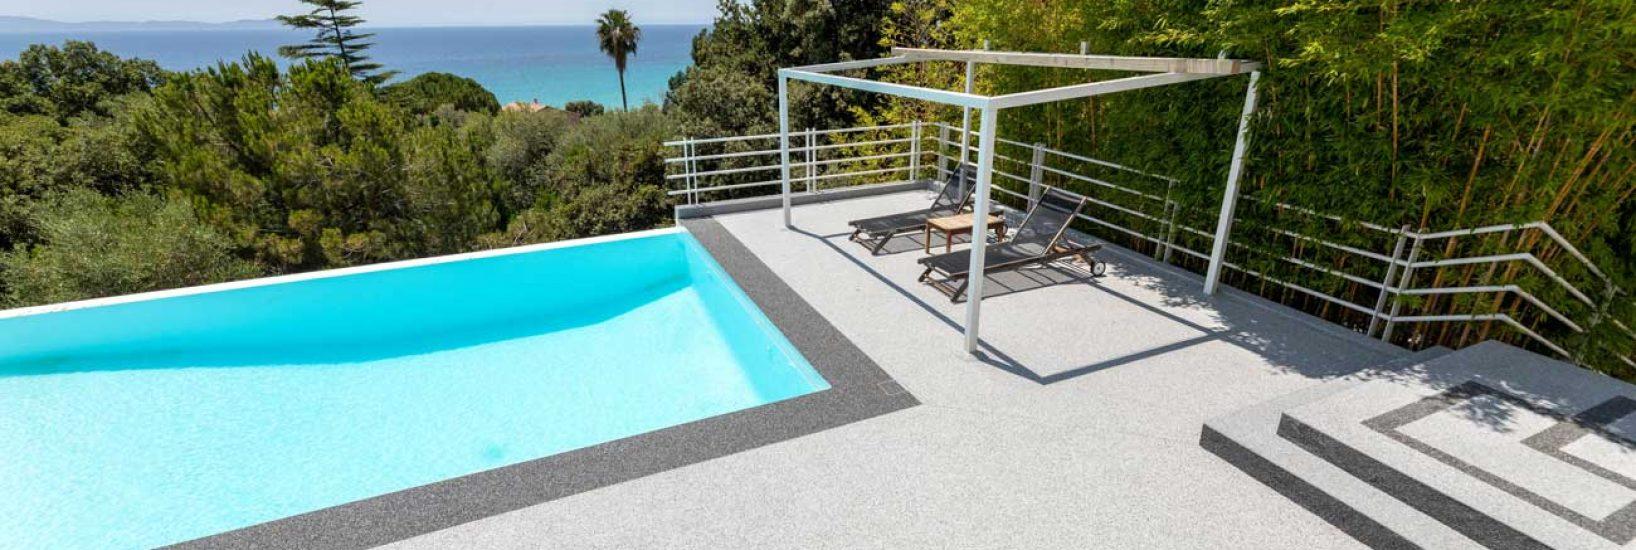 plage-de-piscine-moquette-de-pierre-corse-1.jpg